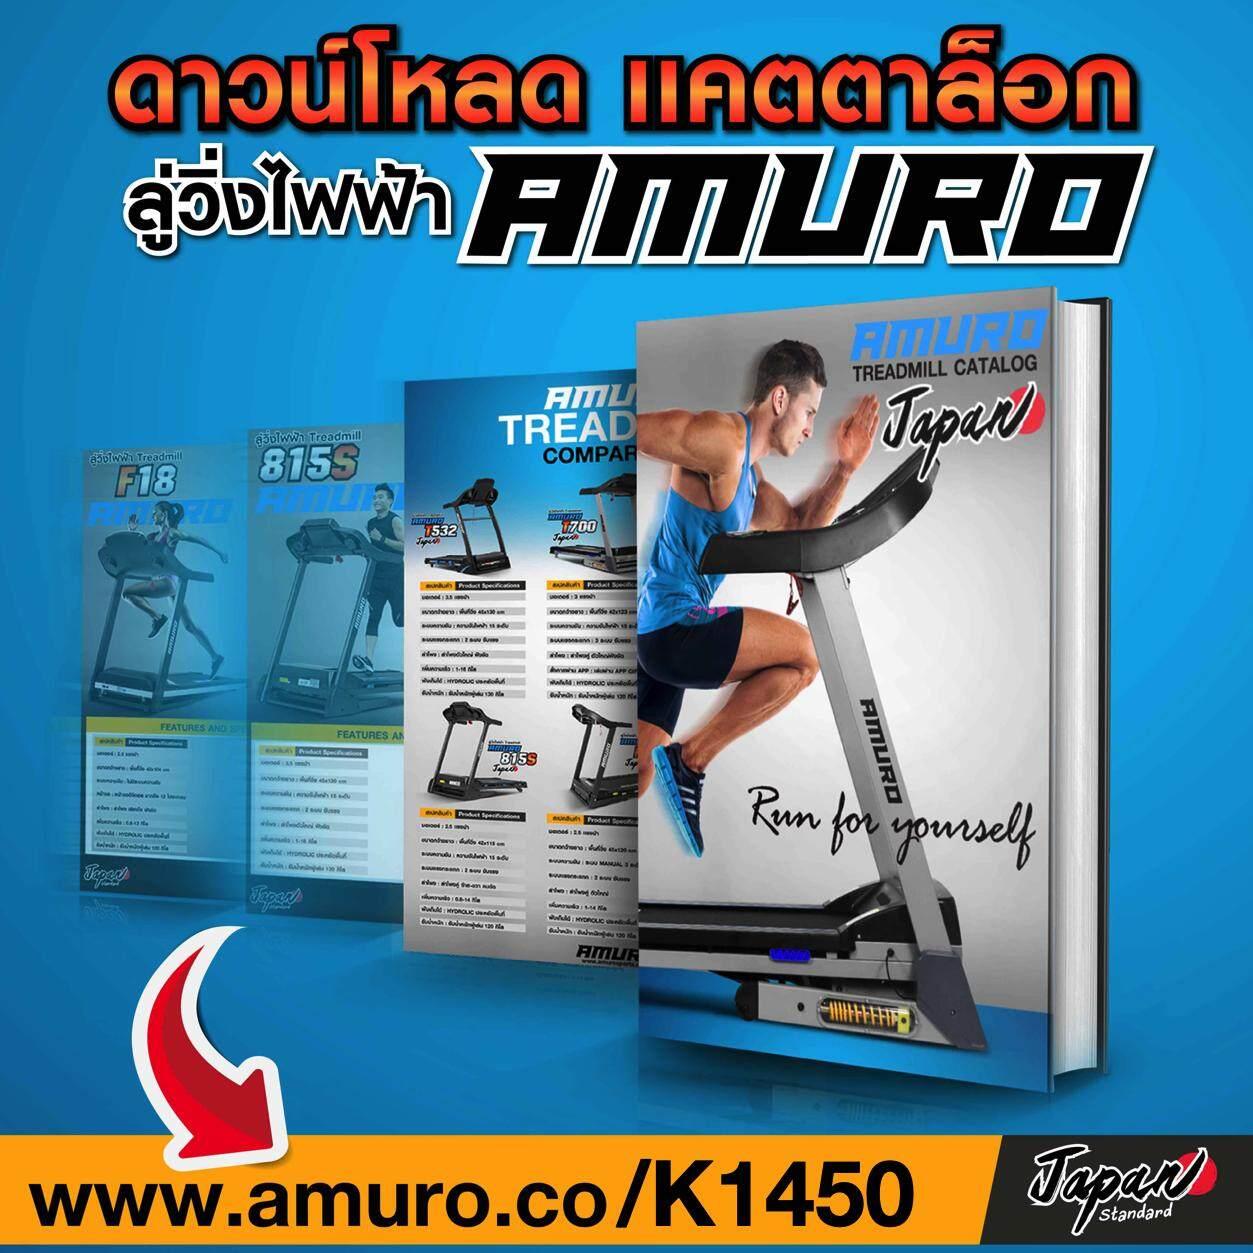 โค๊ดส่วนลด ลู่วิ่ง ZOO Fitness รุ่น AMURO K1450 เครื่องออกกำลังกาย ลดทันทีเมื่อซื้อ -63% ขายดีอันดับ 1